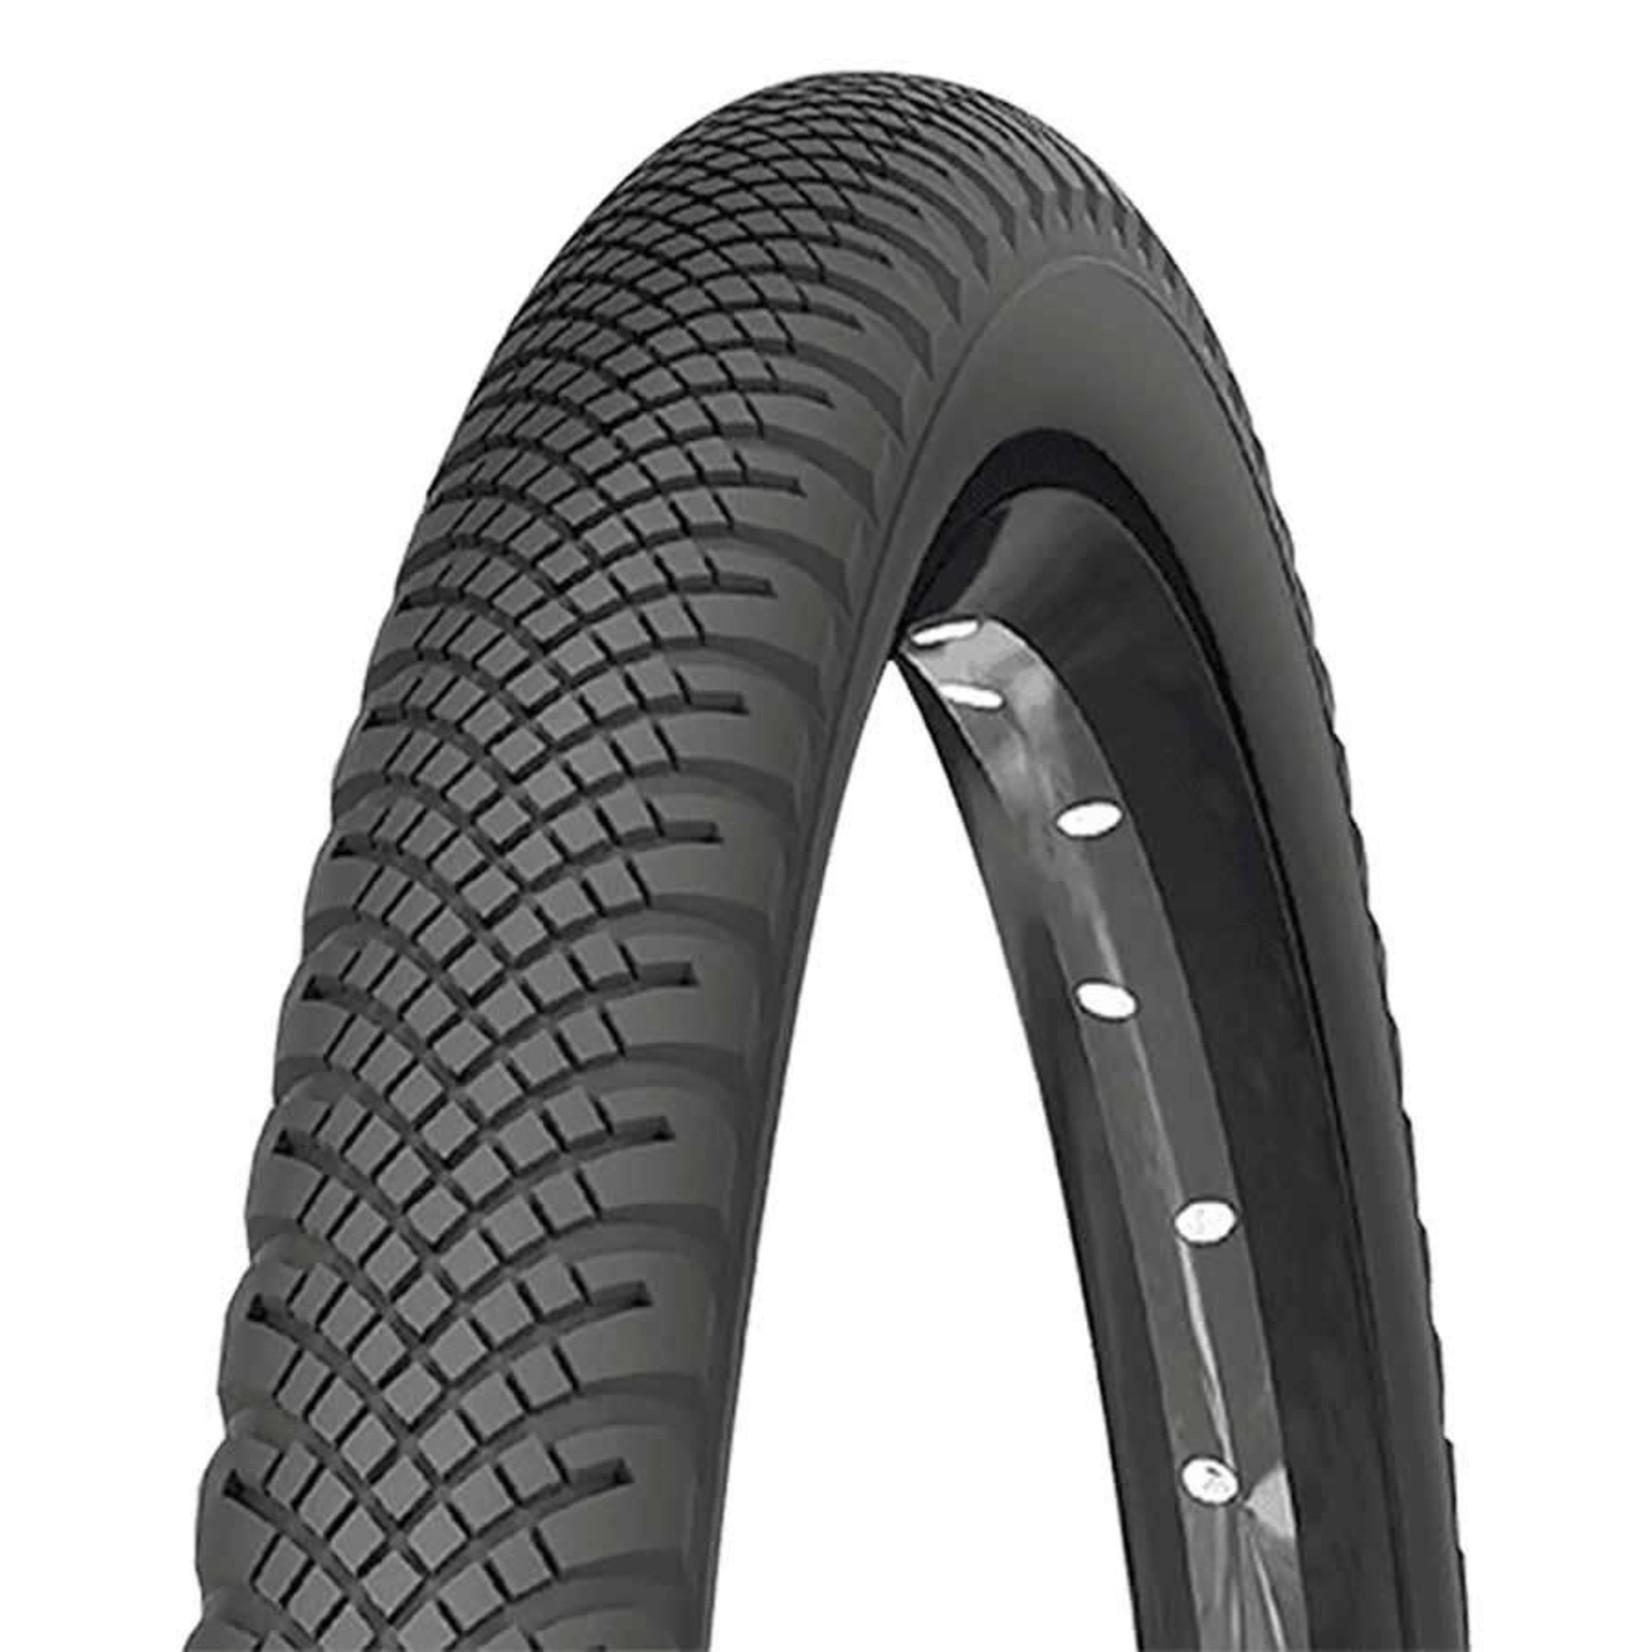 Michelin Country Rock, Tire, 26''x1.75, Wire, Clincher, 3x120TPI, Black